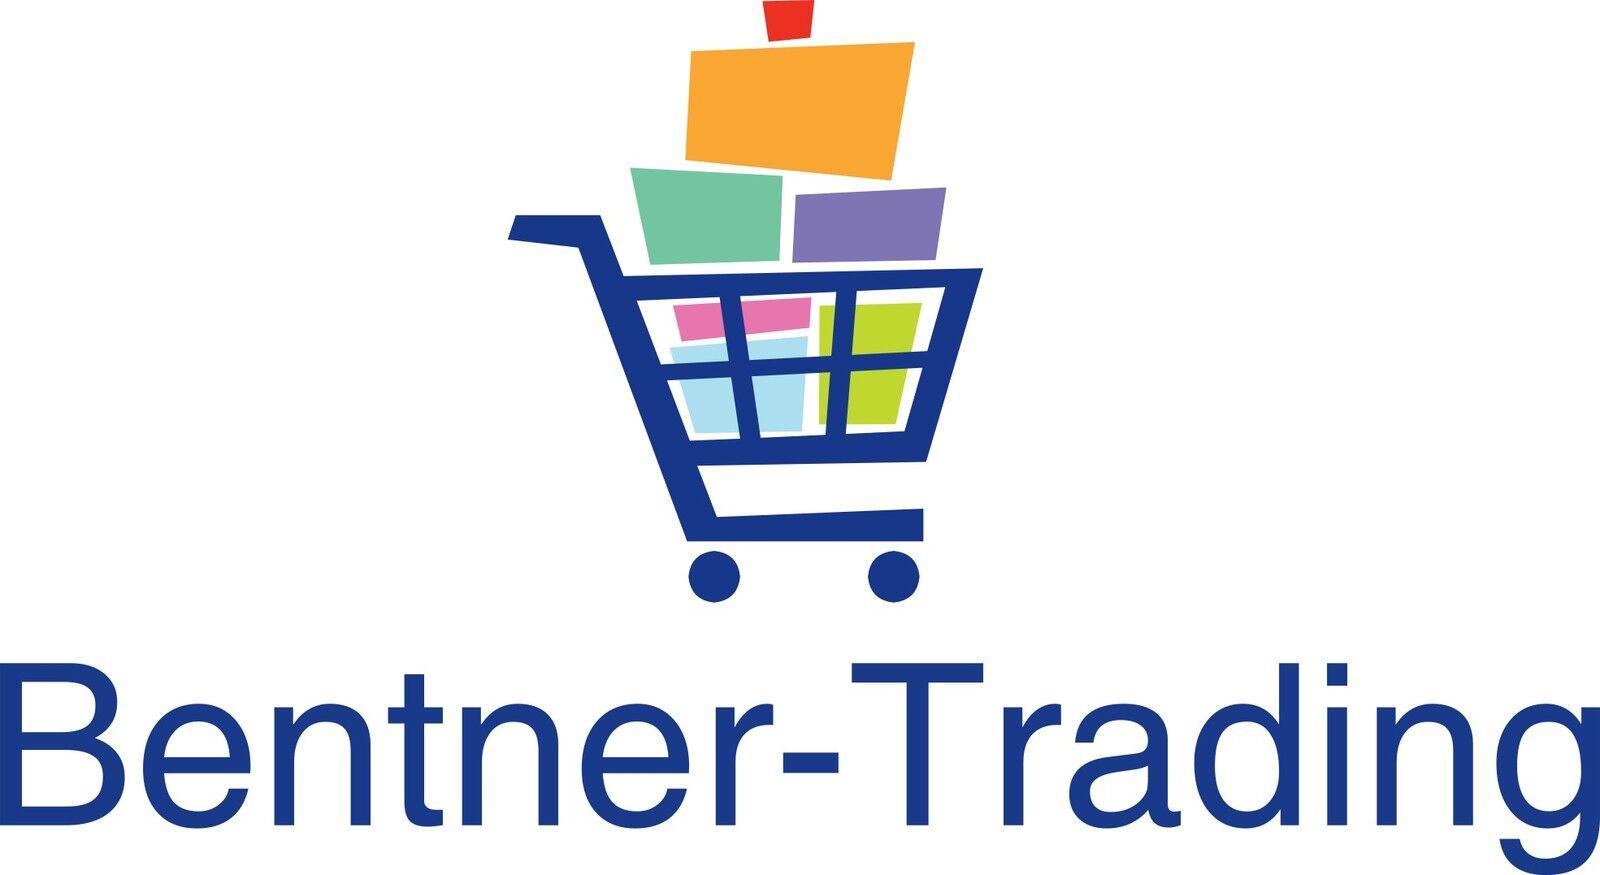 bentner-trading